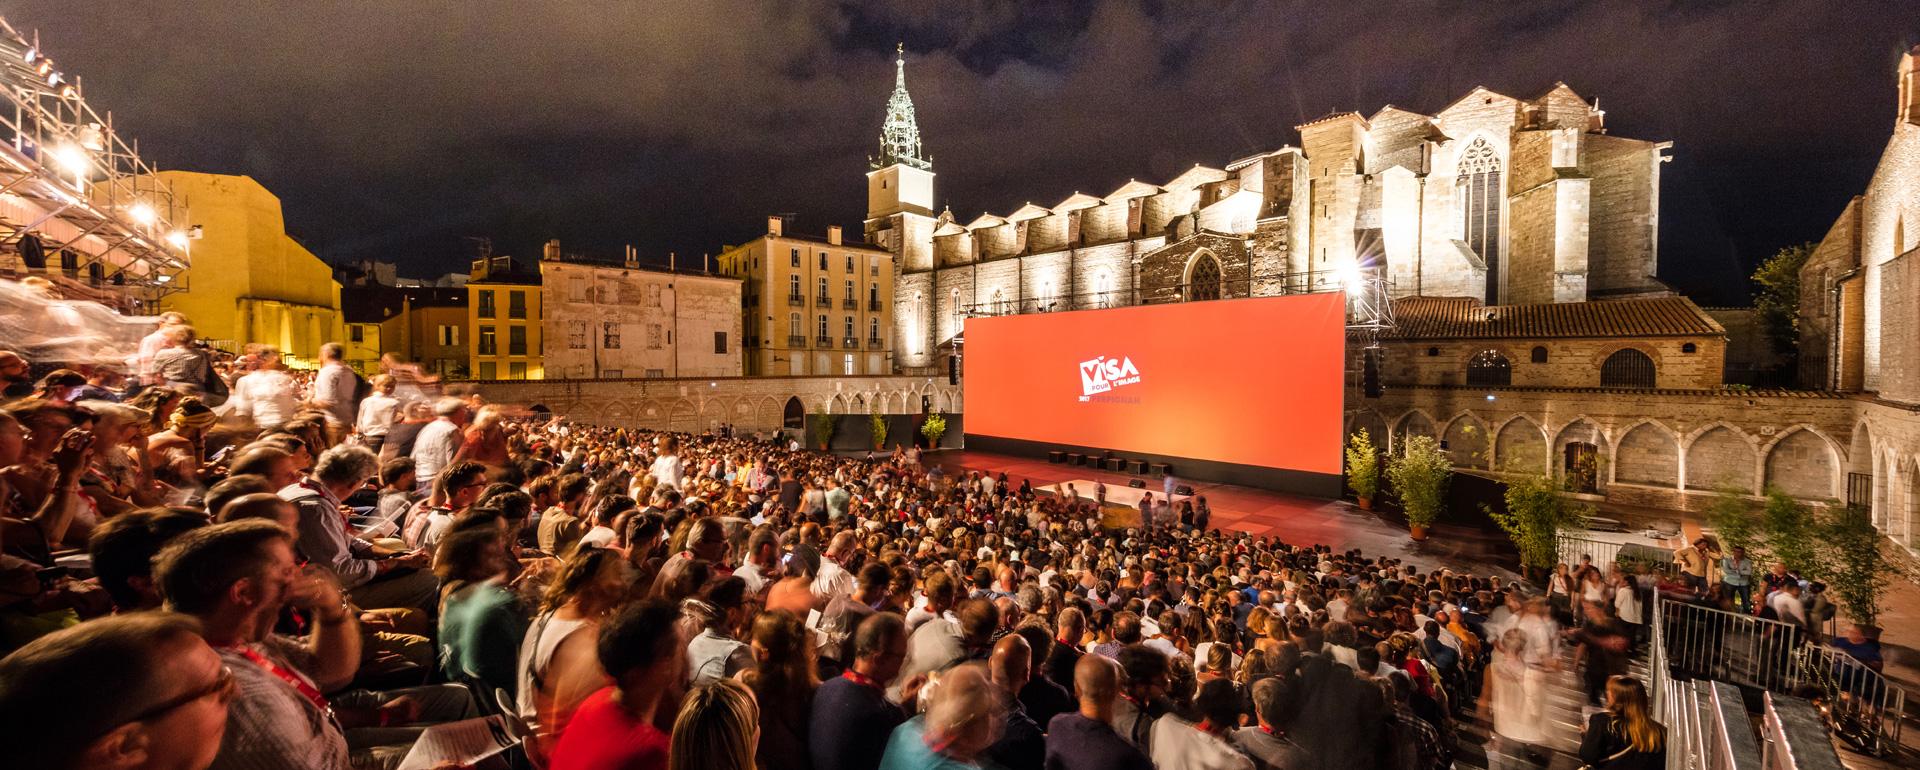 Festival Visa pour l'Image - Perpignan - Pyrénées-Orientales